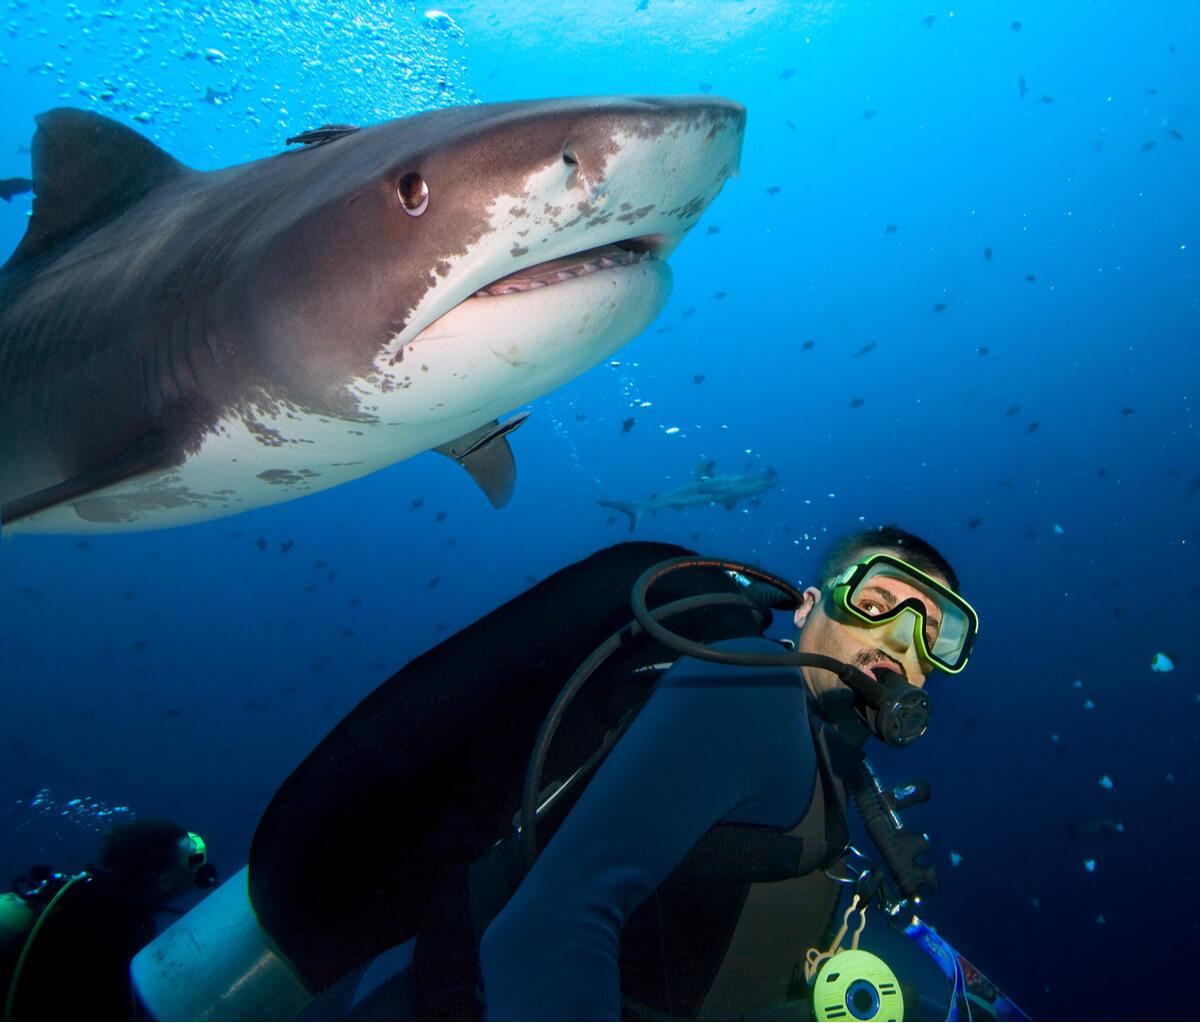 Documentos a firmar antes de nadar con tiburones.